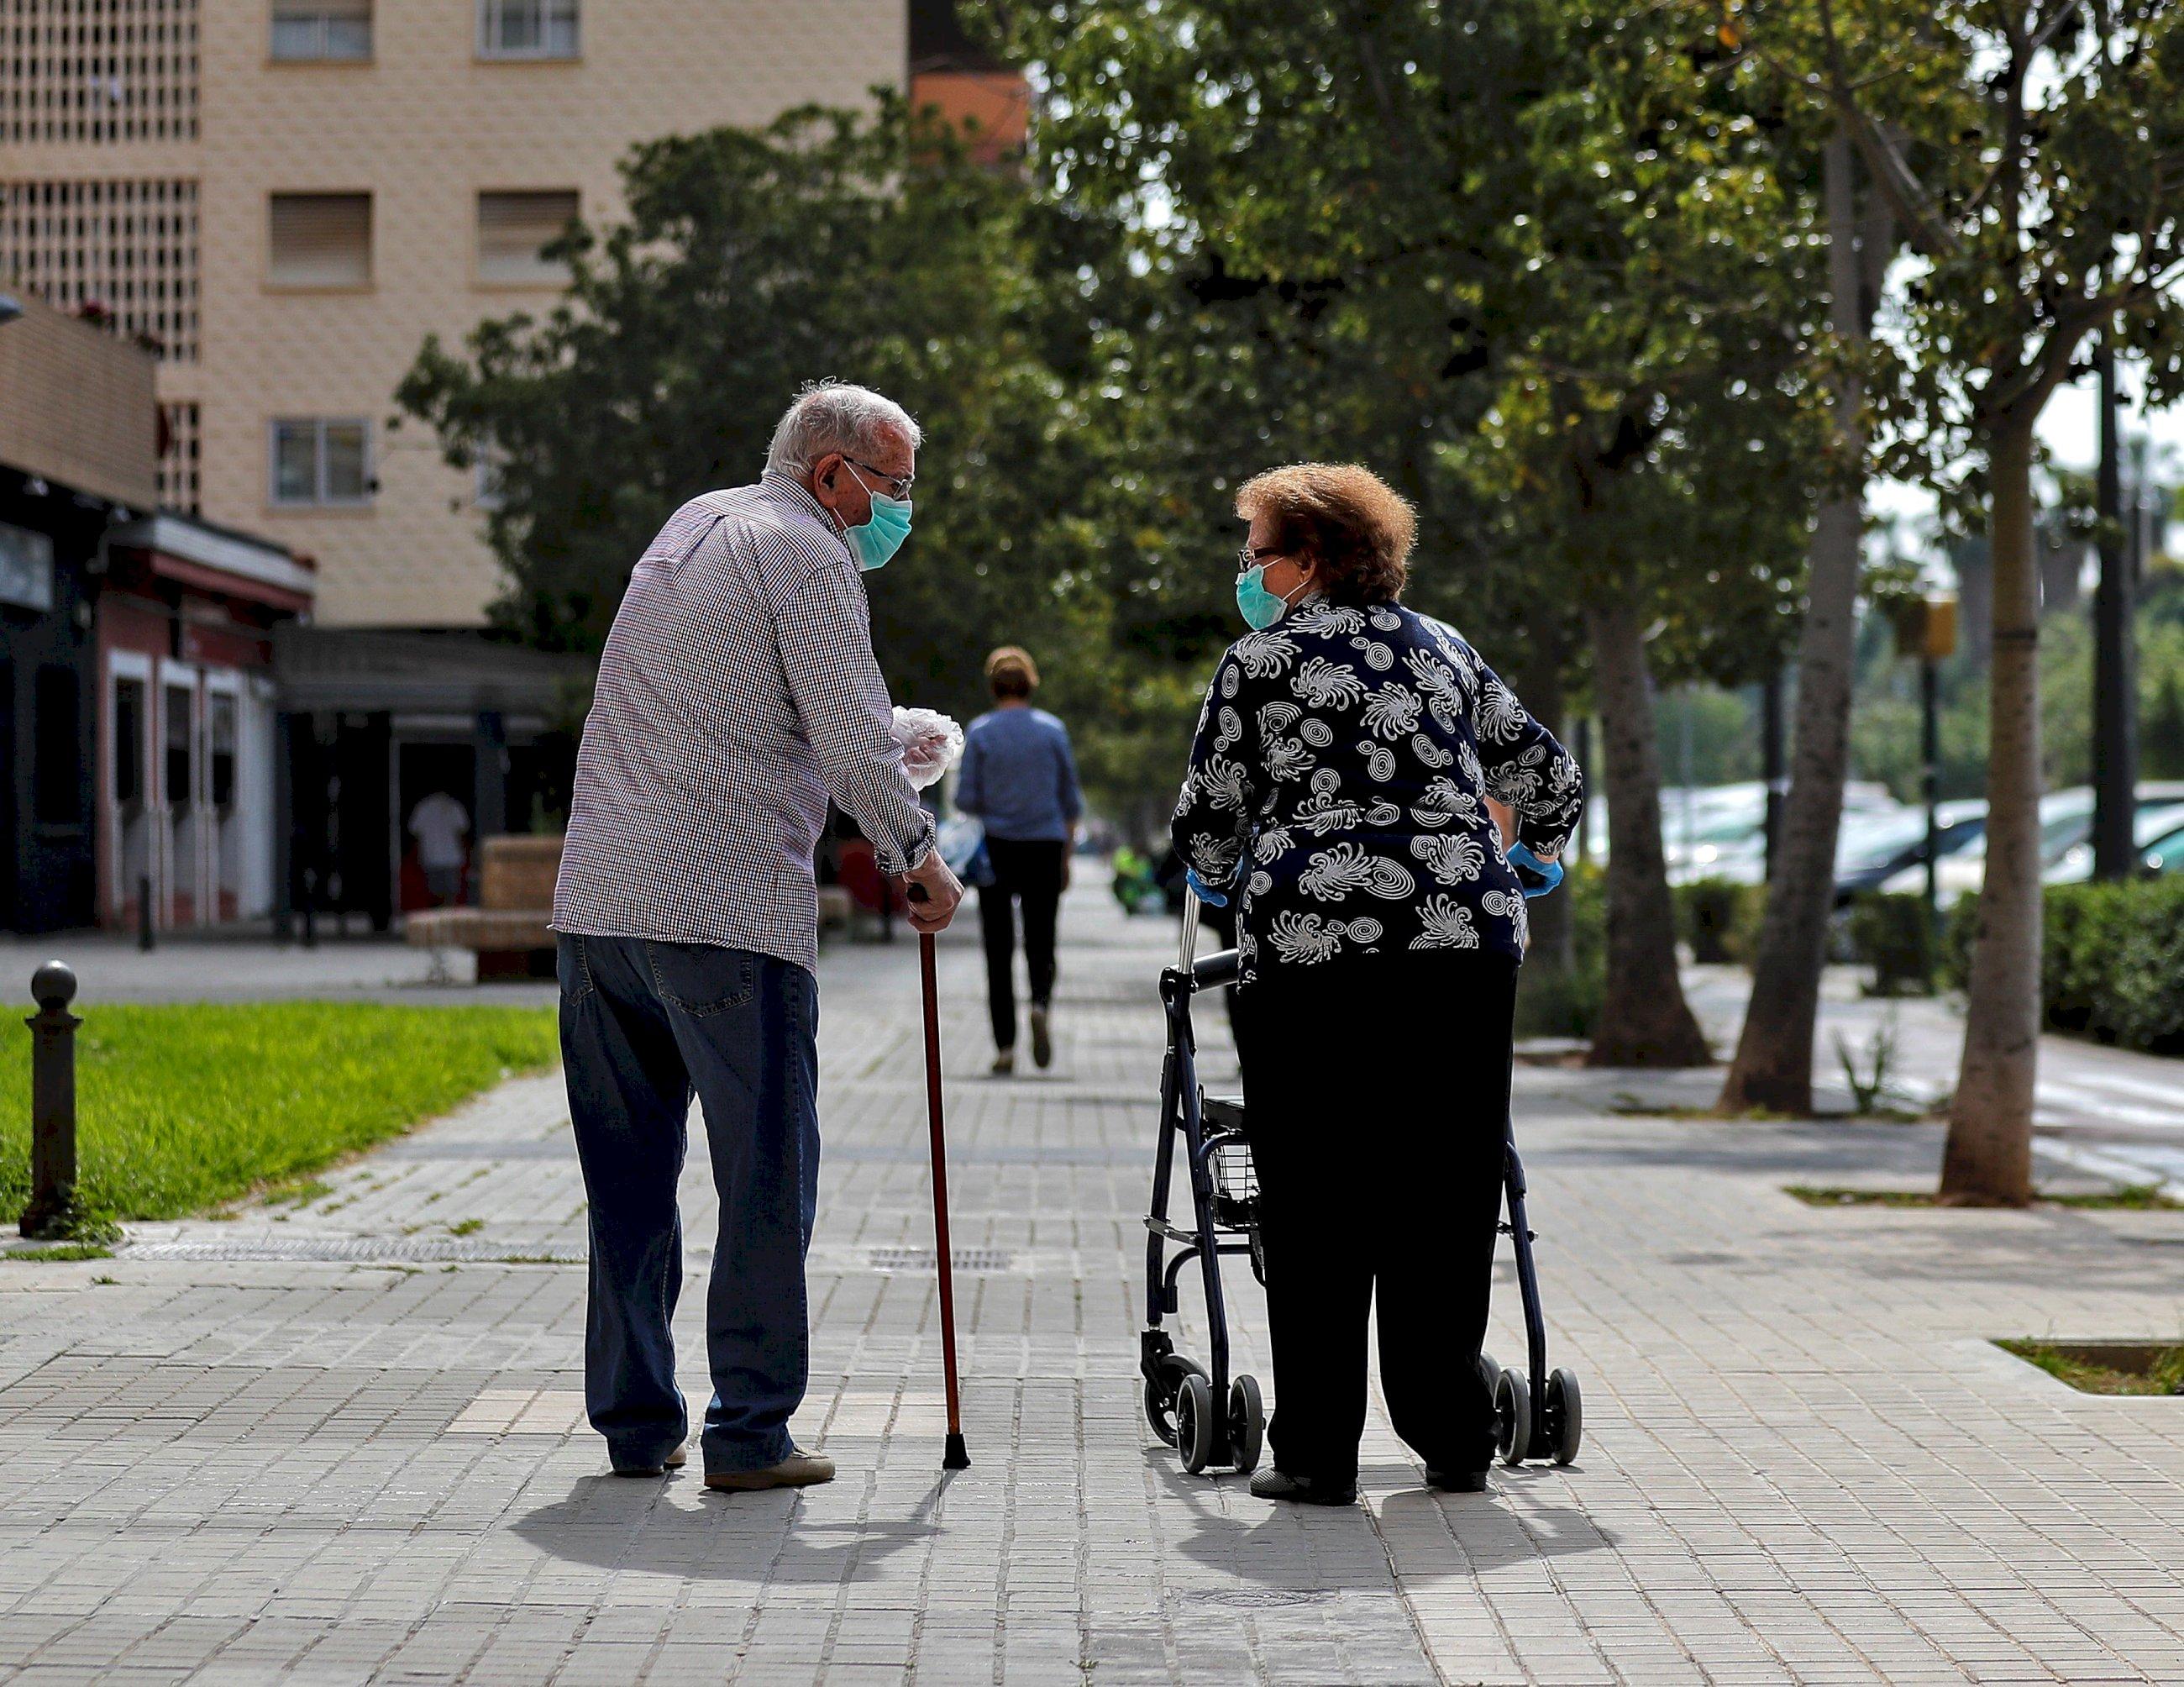 La gente mayor es la más afectada por las muertes por coronavirus, con muchas víctimas en las residencias / EFE